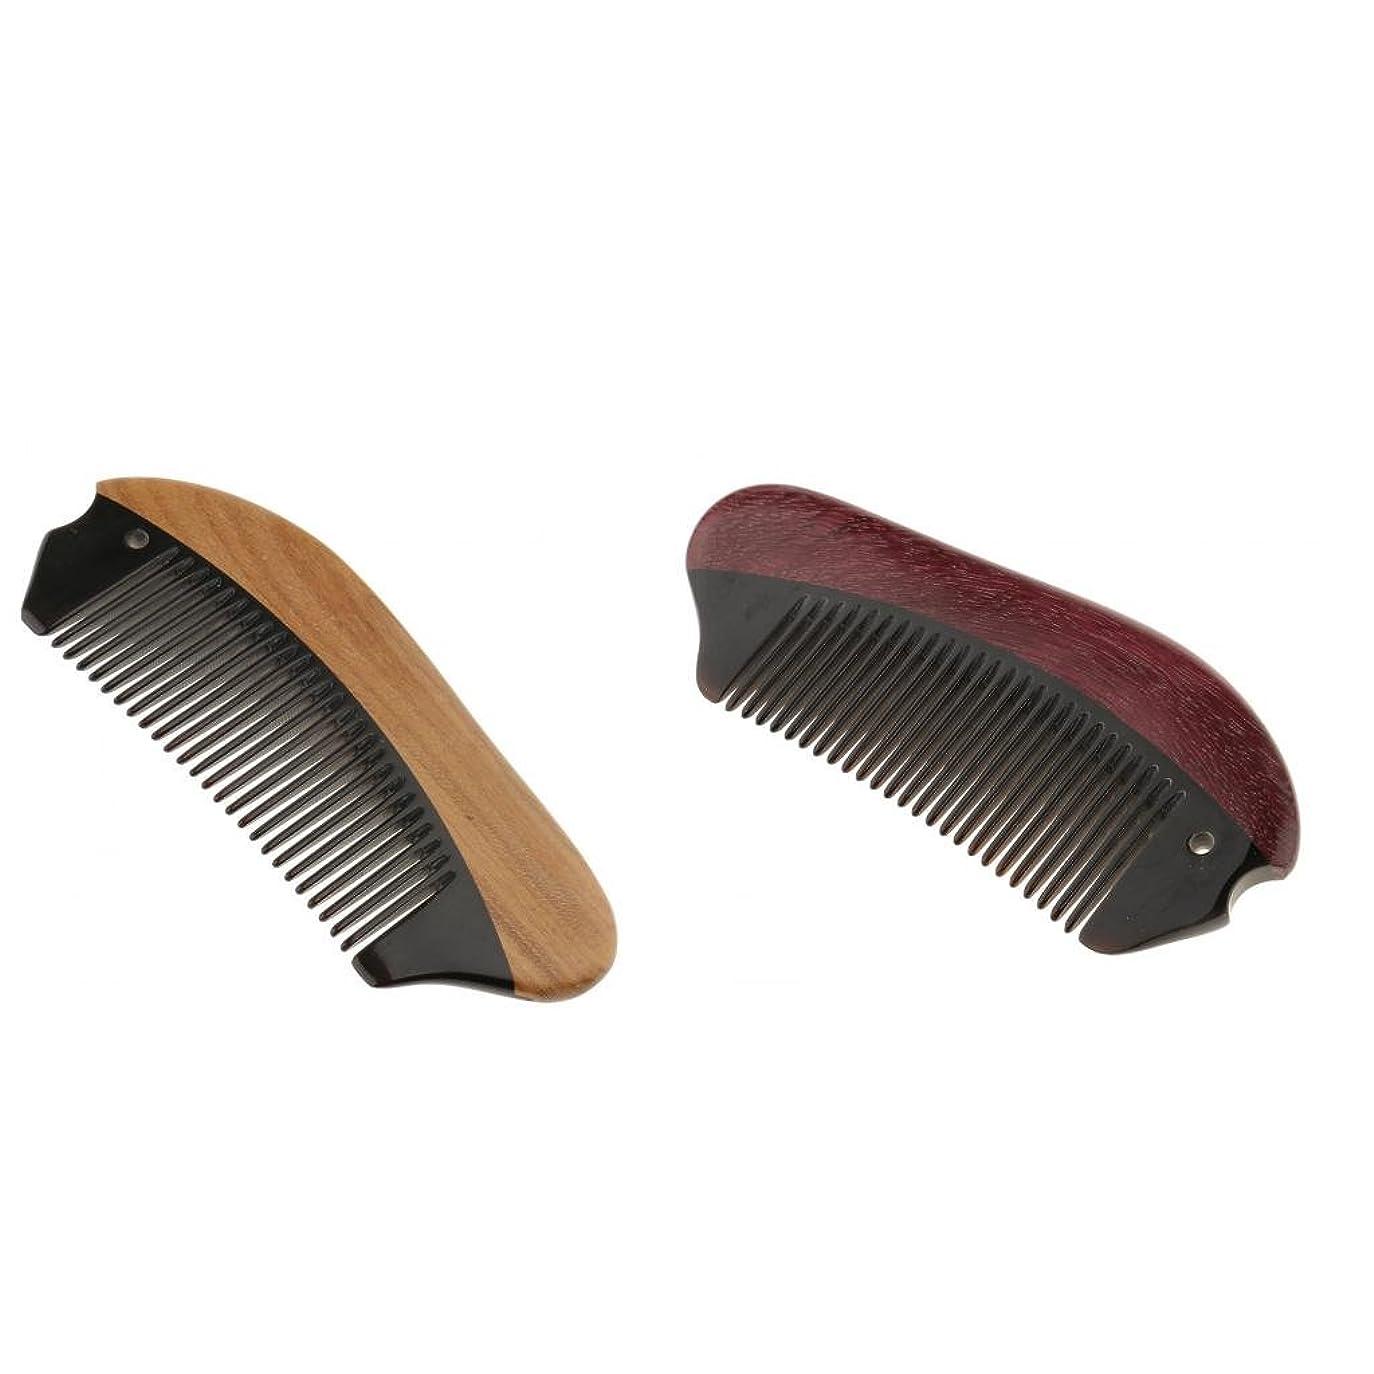 商品アクセスへこみFenteer 2個 木製 櫛 コーム 静電気防止 ハート ウッド 髪 マッサージ